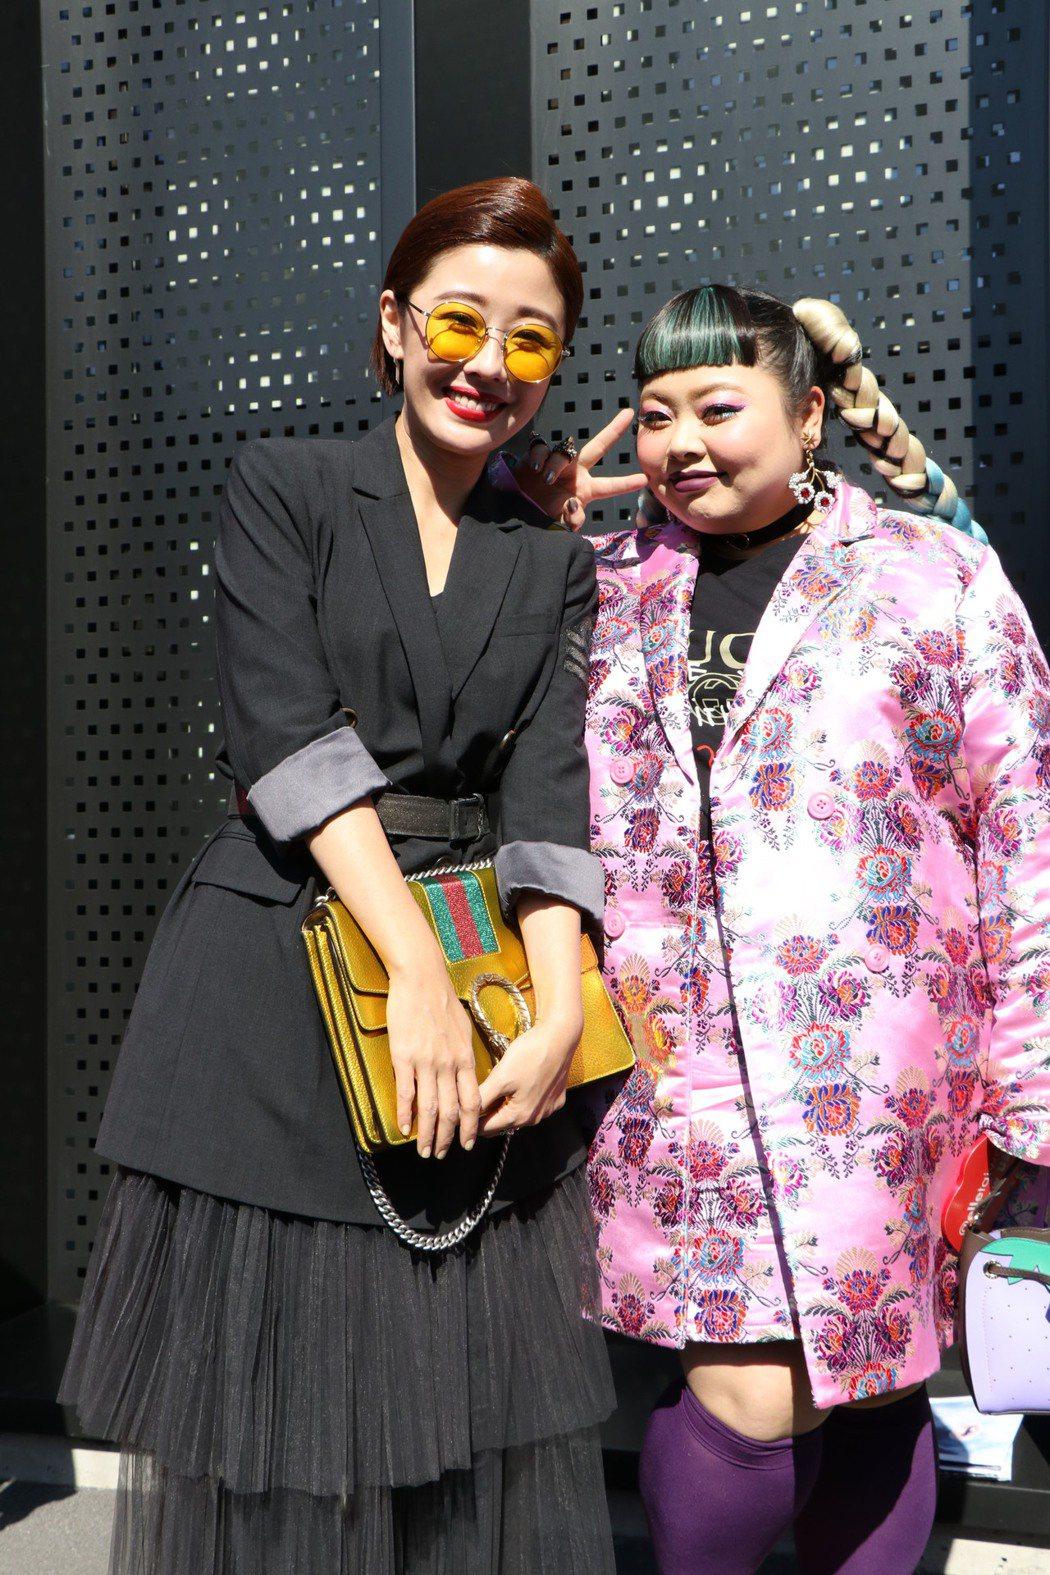 李維維(左)赴米蘭時裝周朝聖,第一場秀就遇到日本女星渡邊直美。圖/伊林提供